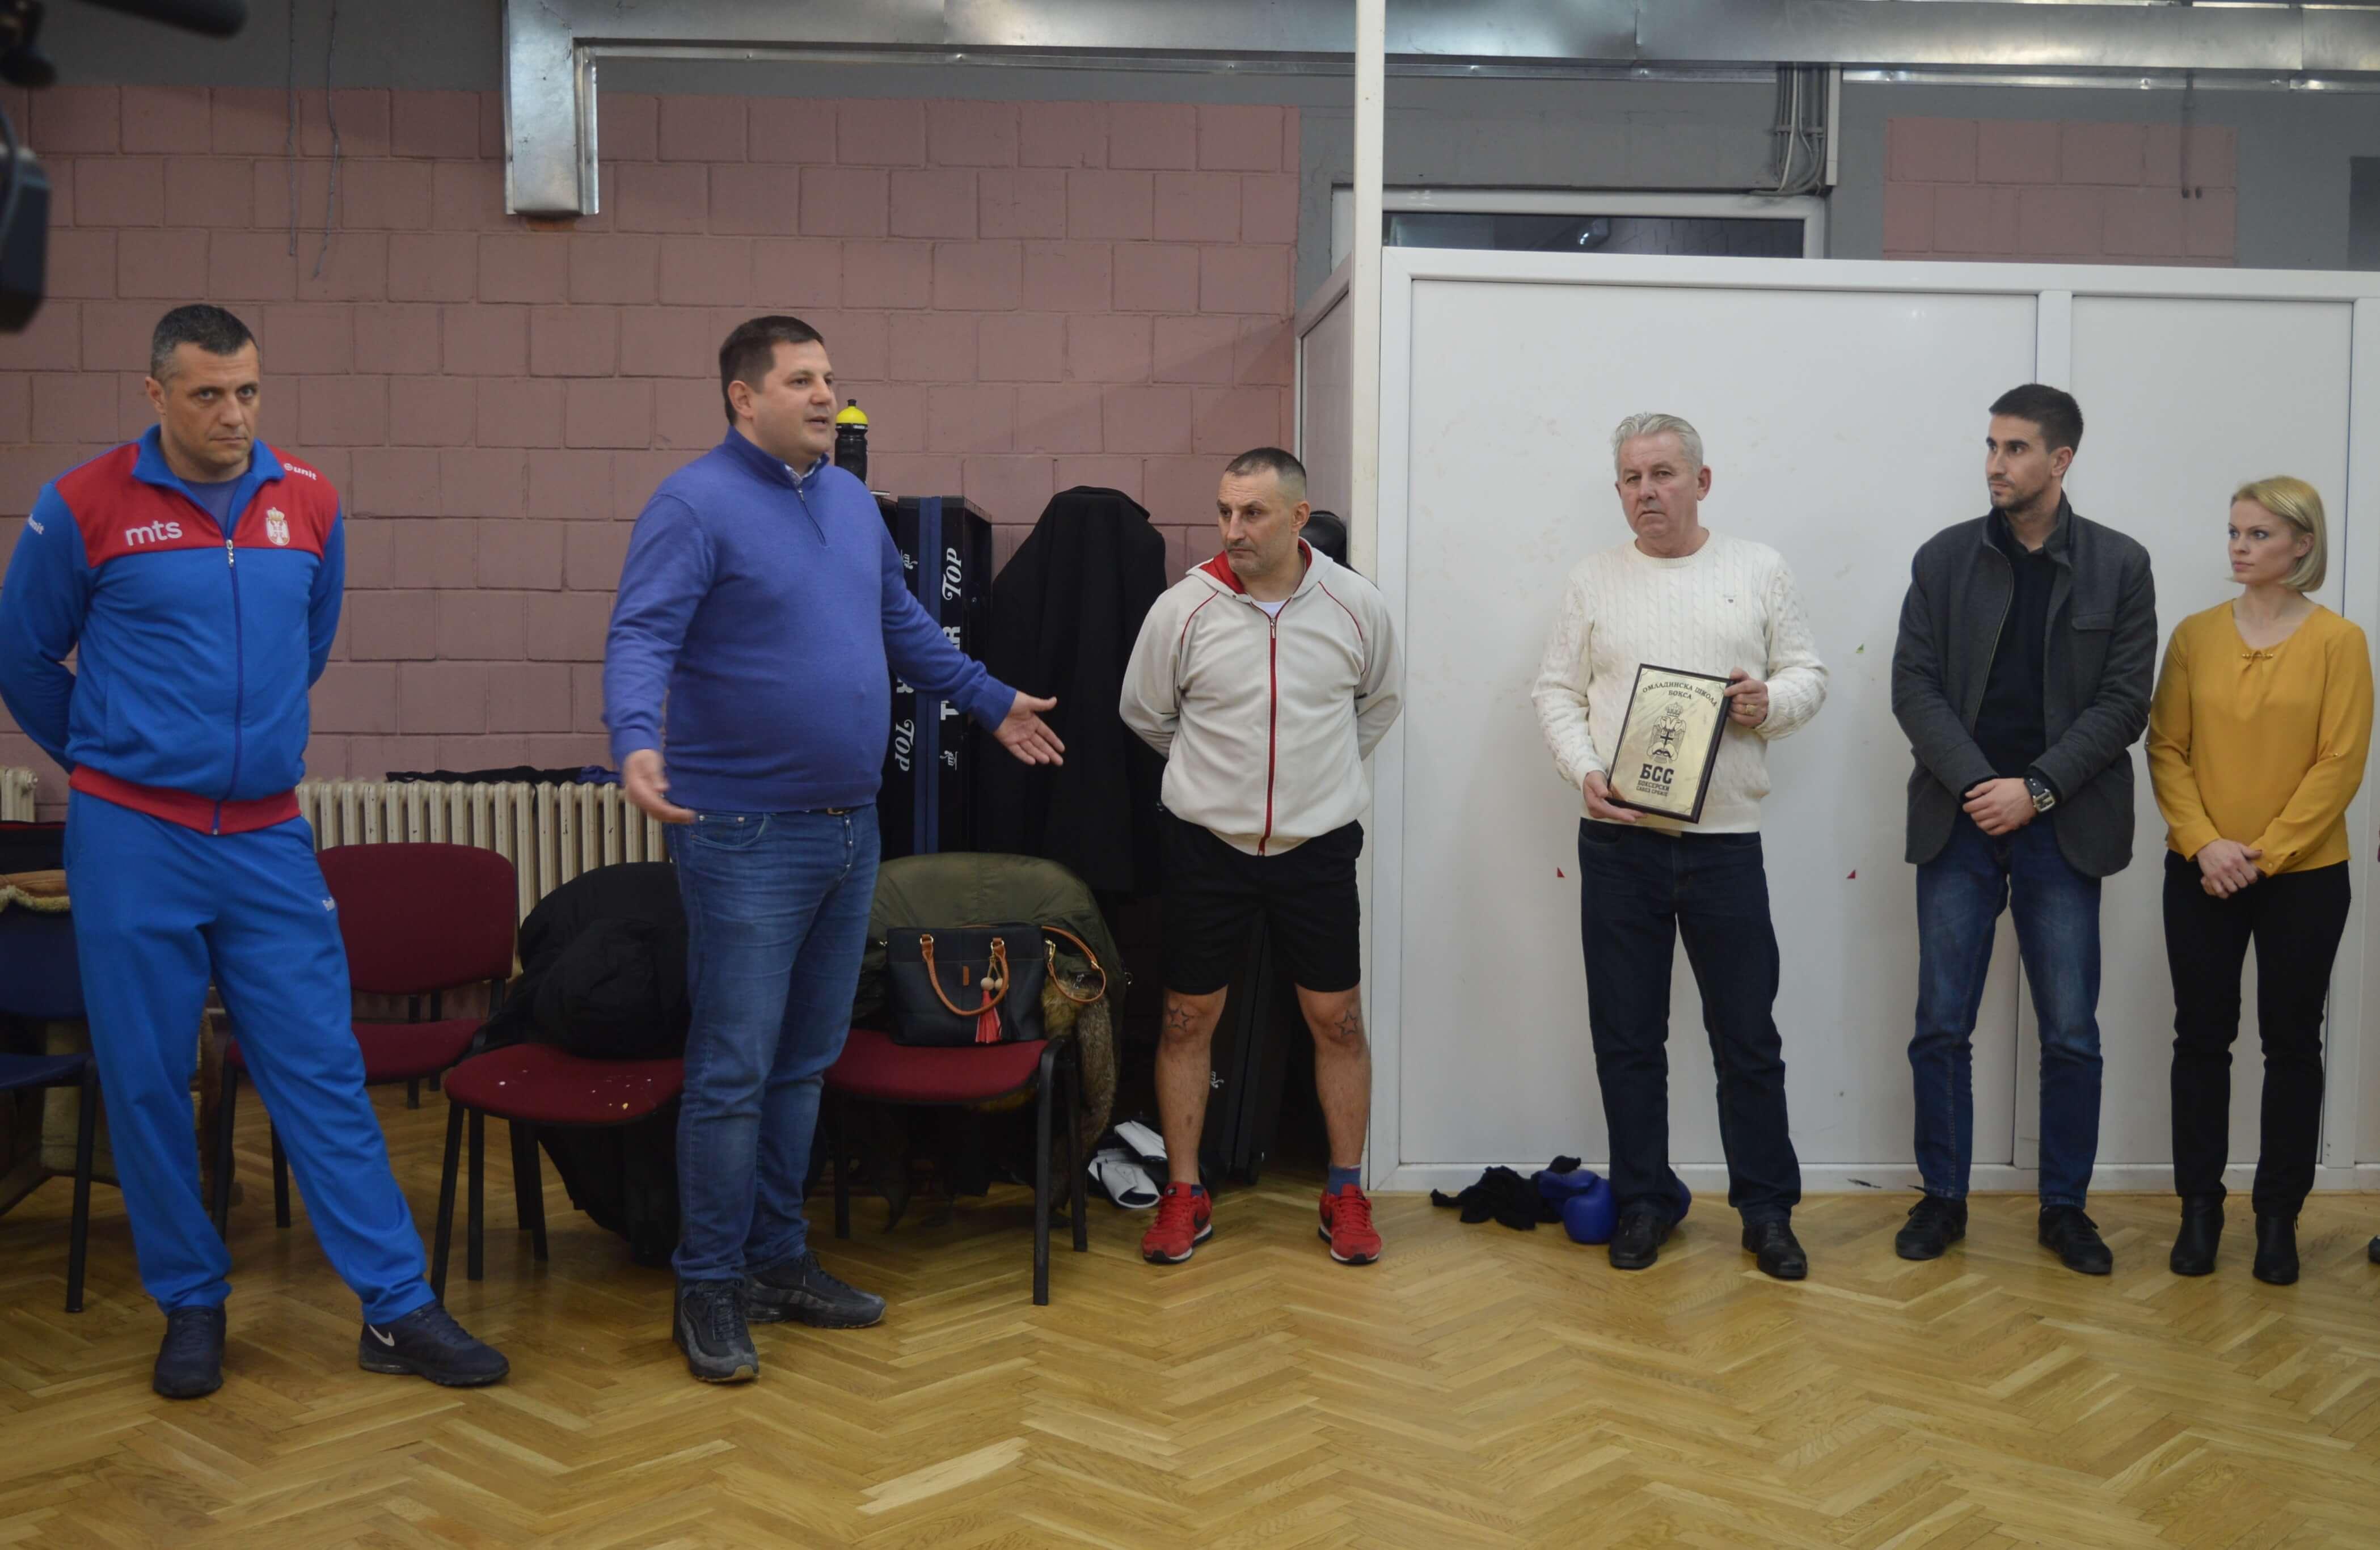 Најбоље спортисте поздравила Антонија Нађ Косановић градска већница за спорт и омладину